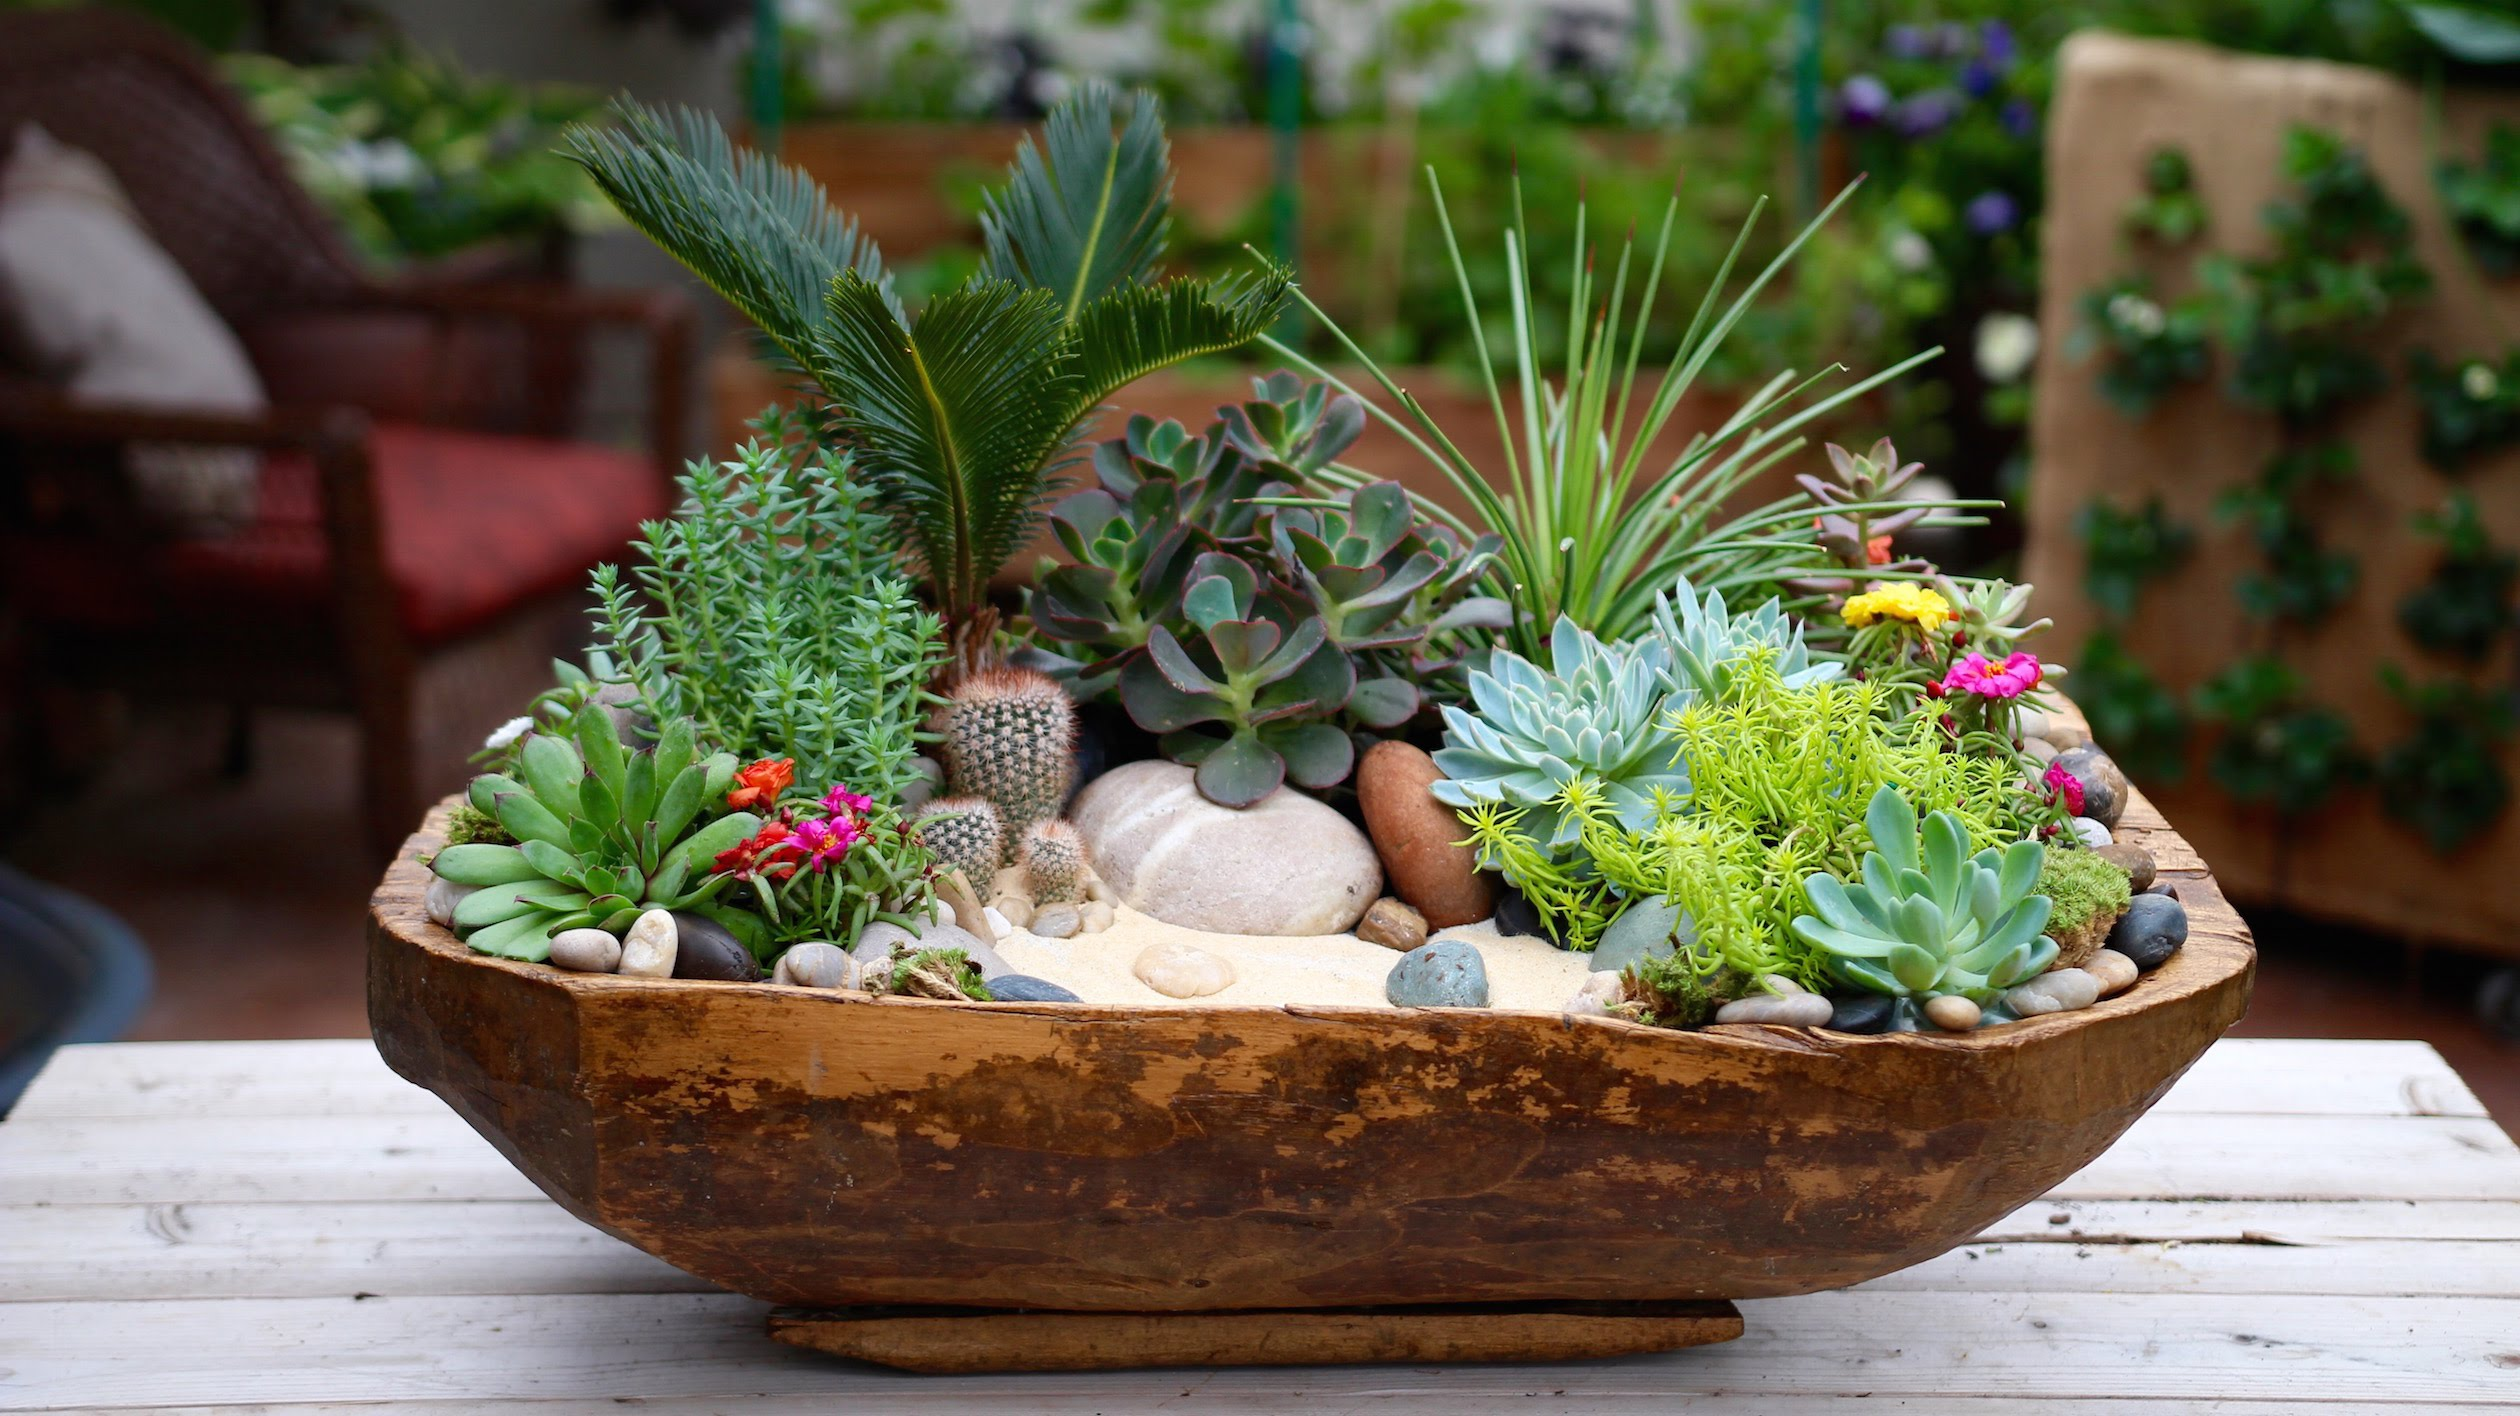 Комнатные растения - суккуленты, композиция из суккулентов